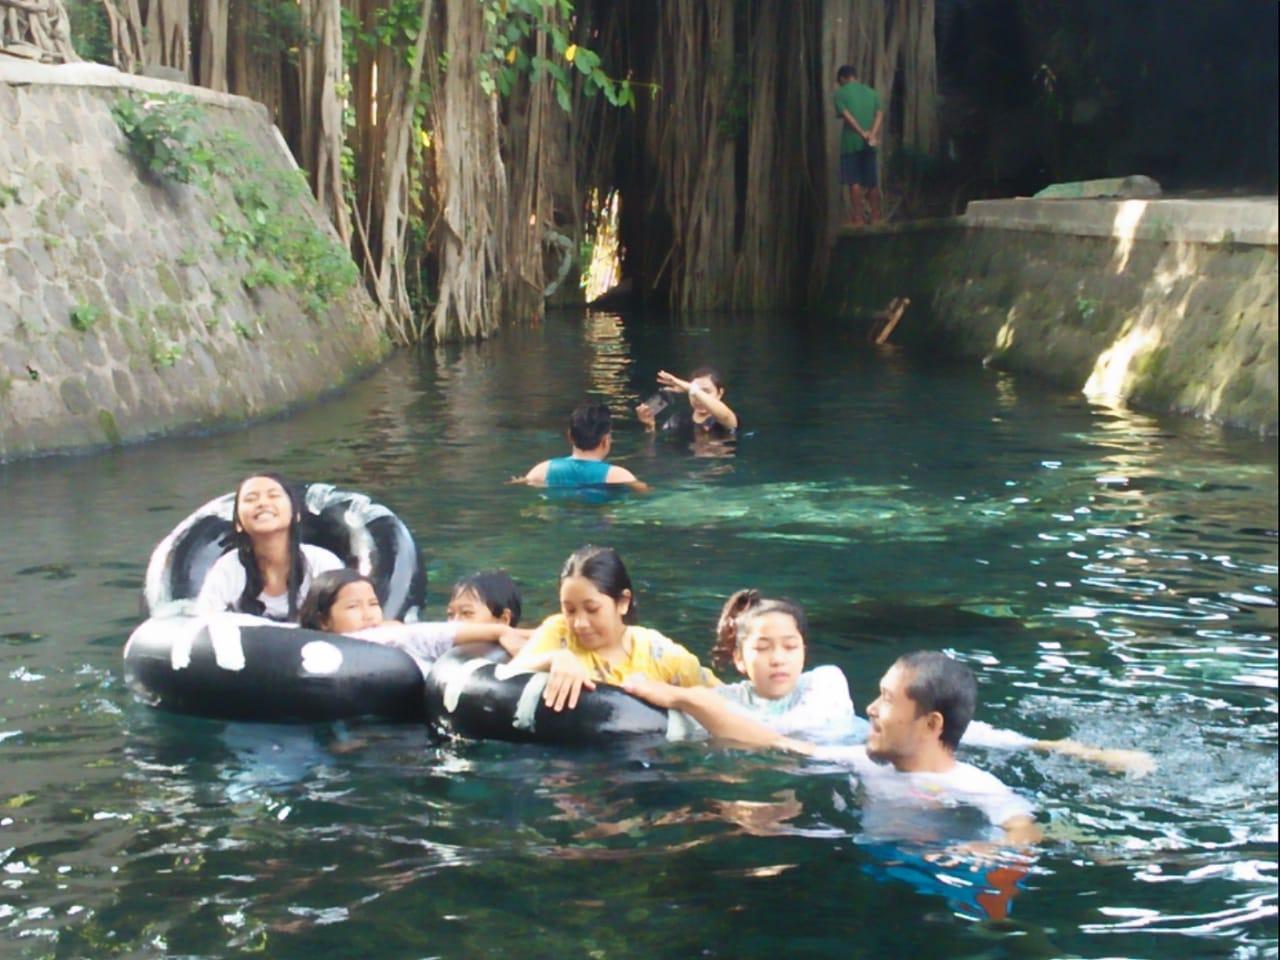 Tempat Wisata Air Di Desa Ponggok Klaten Jawa Tengah